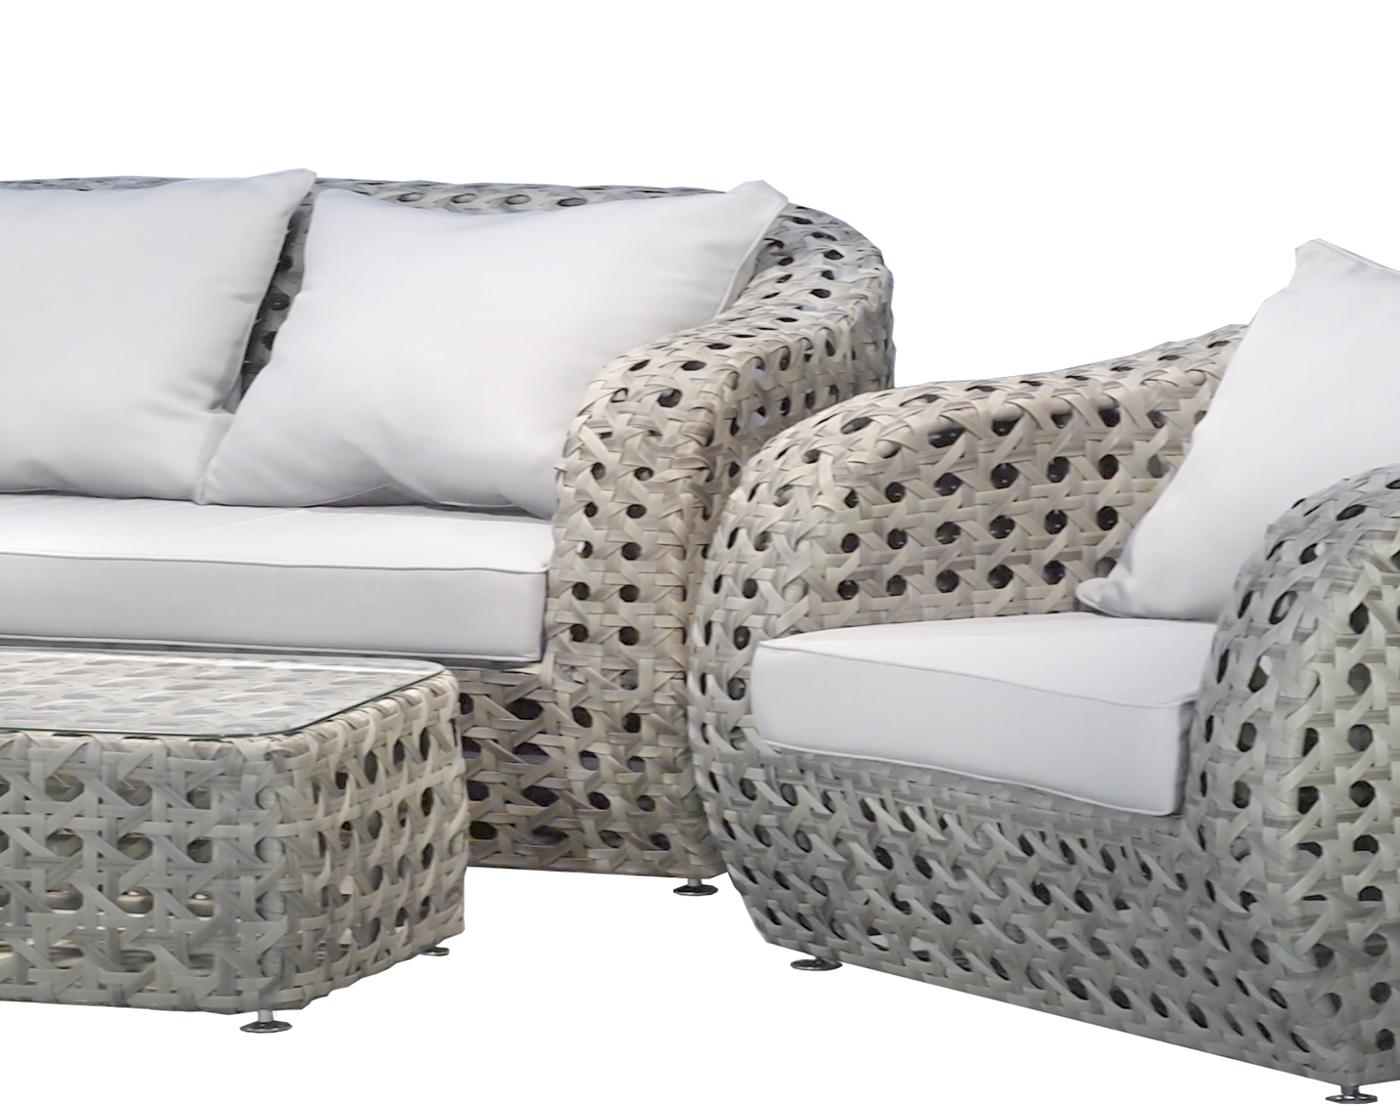 garten lounge miami 3er sofa. Black Bedroom Furniture Sets. Home Design Ideas